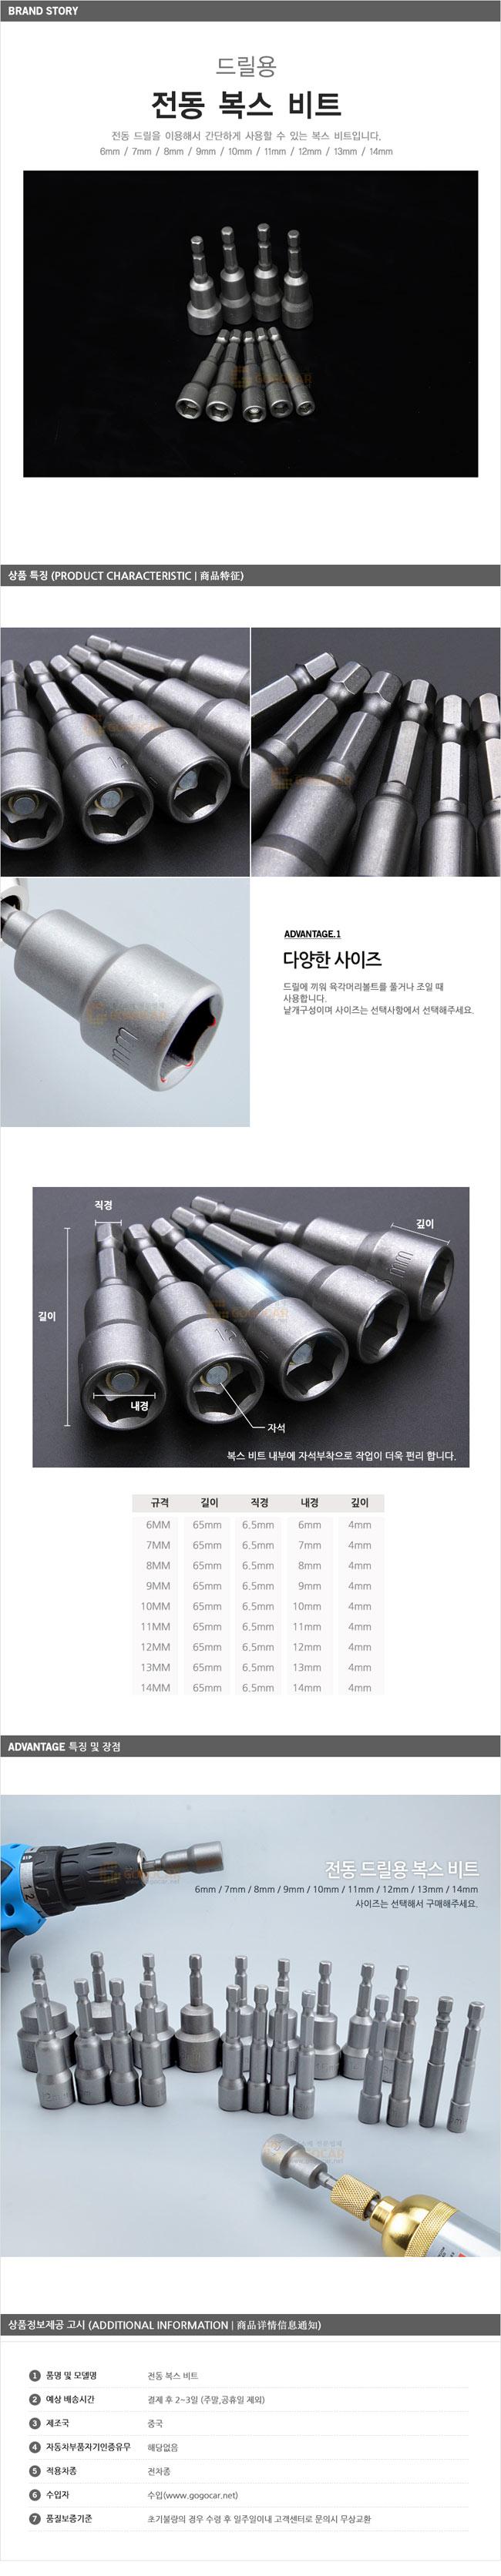 전동 복스 비트 낱개 1개 _ 10mm